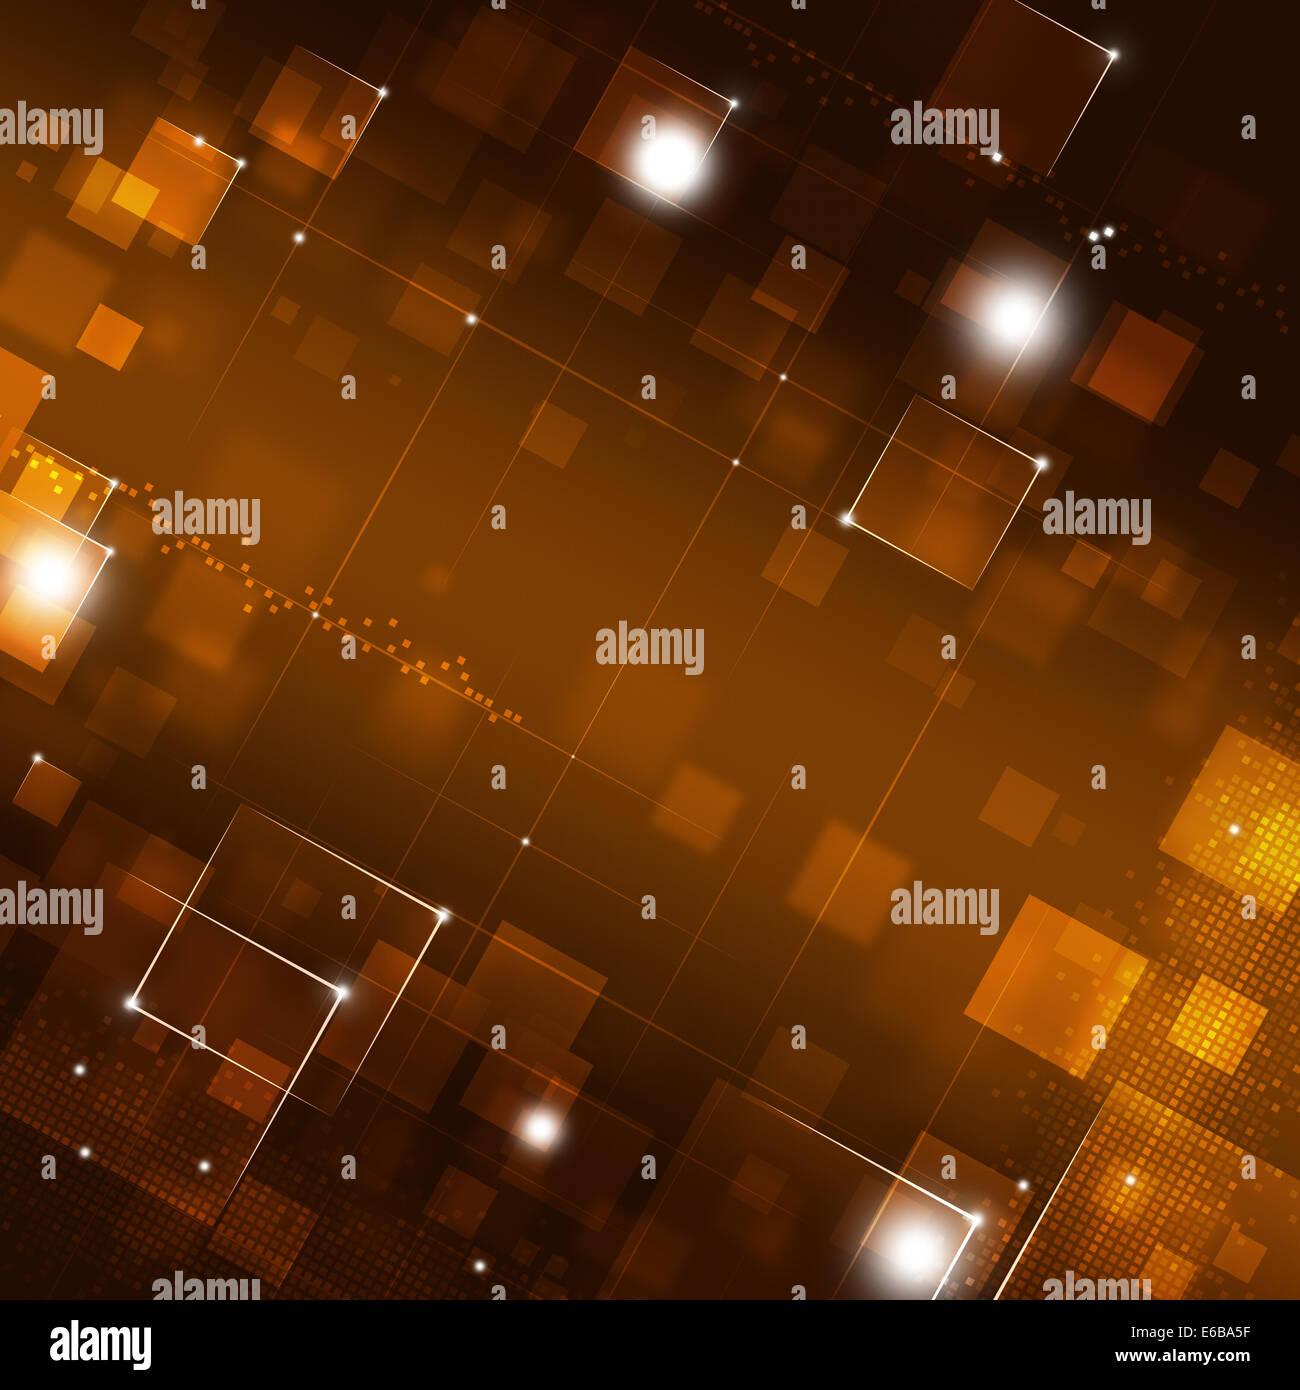 Resumen puntos cuadrados rojos y luces de fondo de tecnología Imagen De Stock